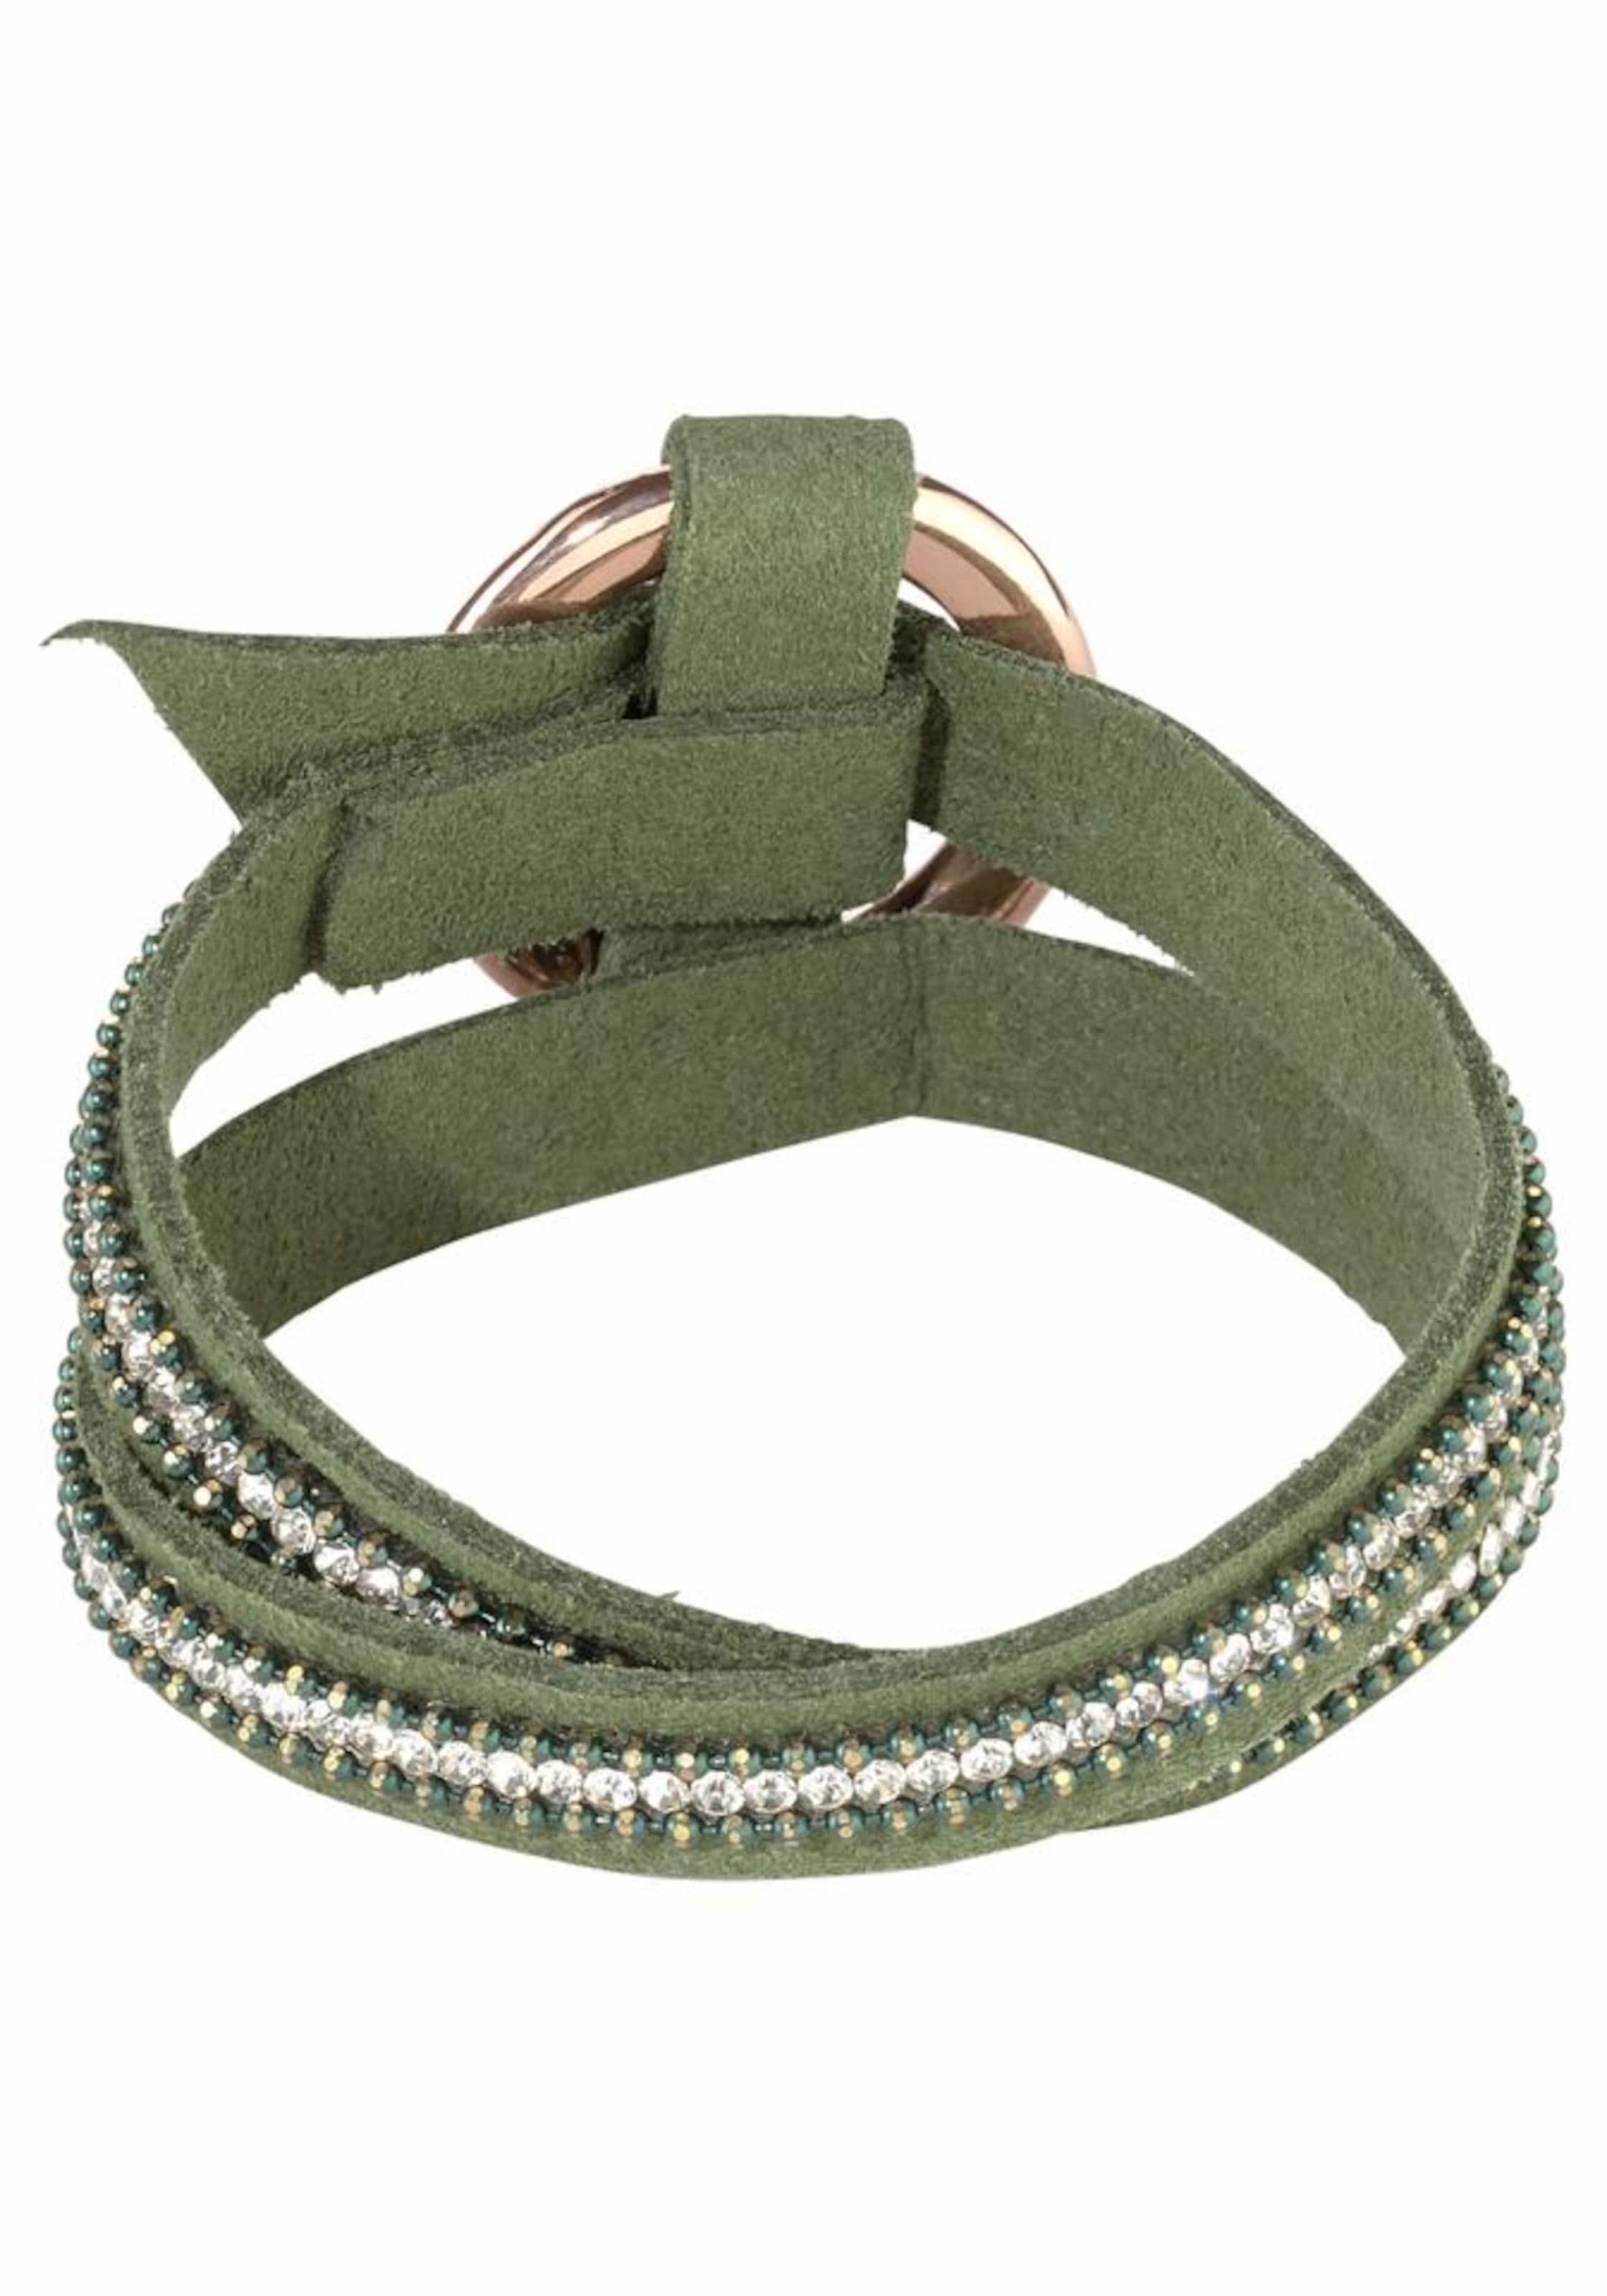 Rabatt Neueste J. Jayz Armband Outlet Online-Shop Sehr Billig Perfekt Günstiger Preis Die Besten Preise Günstiger Preis mNk2yXUt